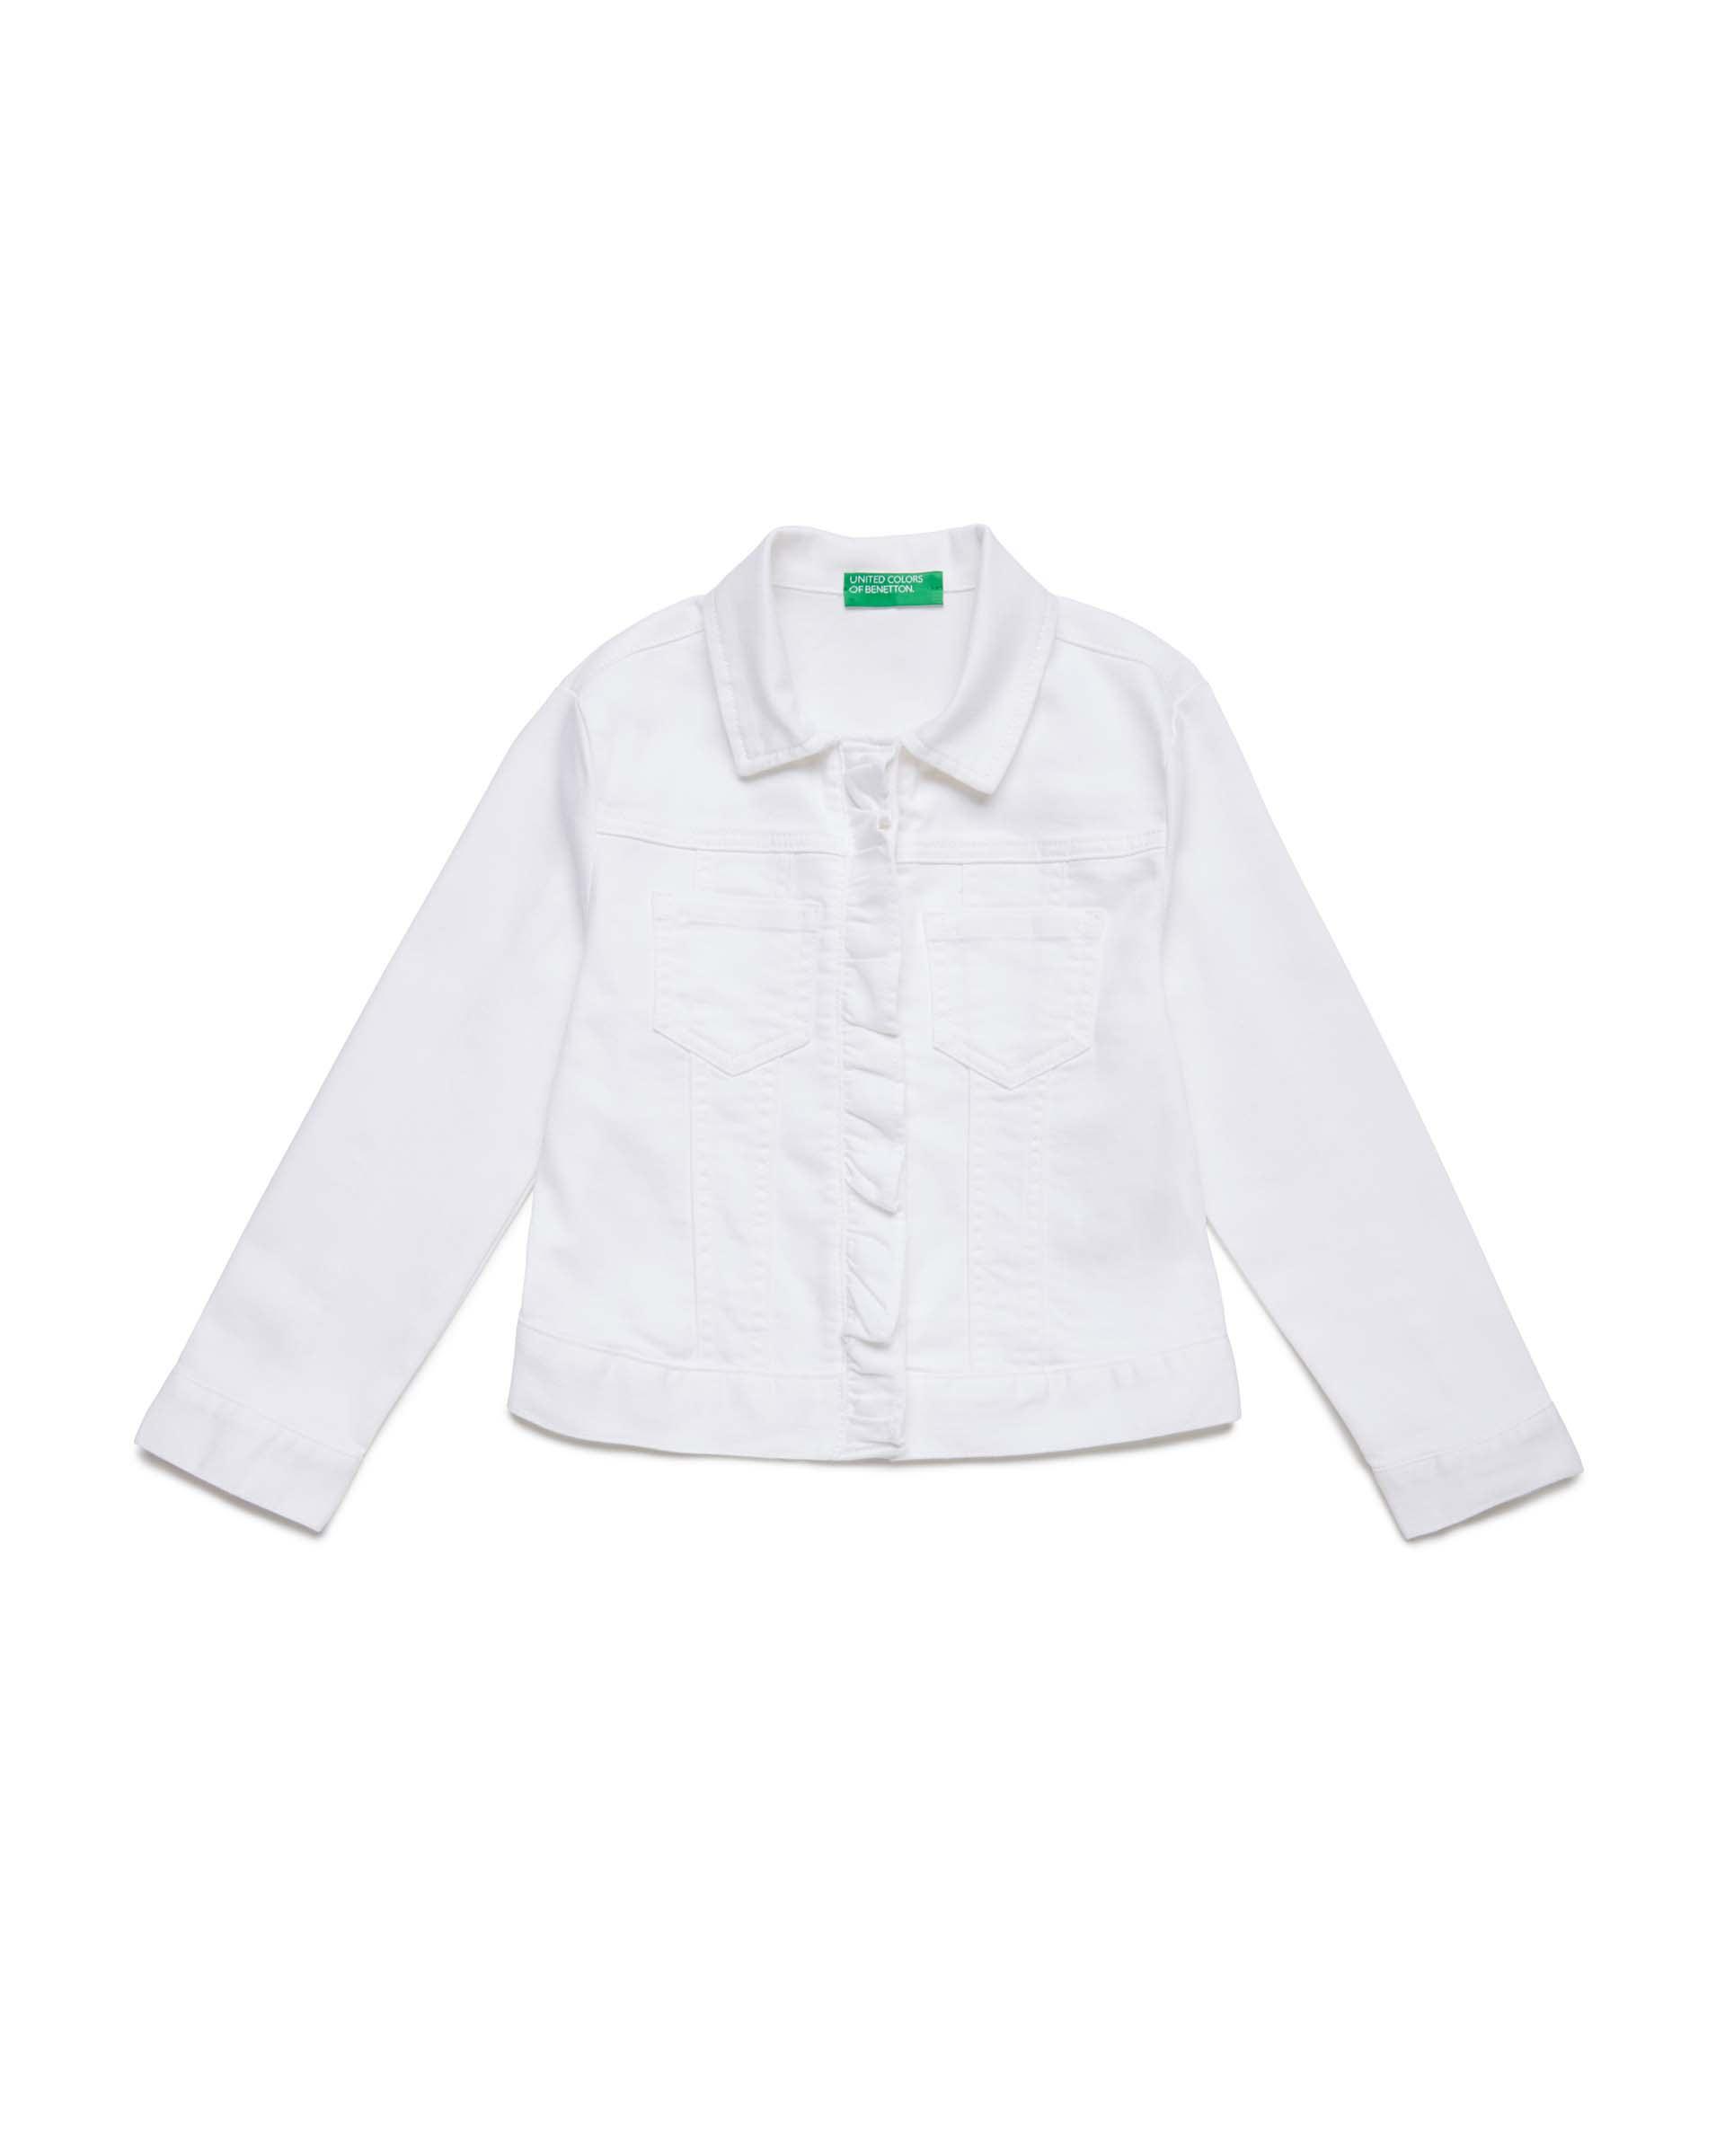 Купить 20P_2HB553I30_101, Джинсовая куртка для девочек Benetton 2HB553I30_101 р-р 92, United Colors of Benetton, Куртки для девочек